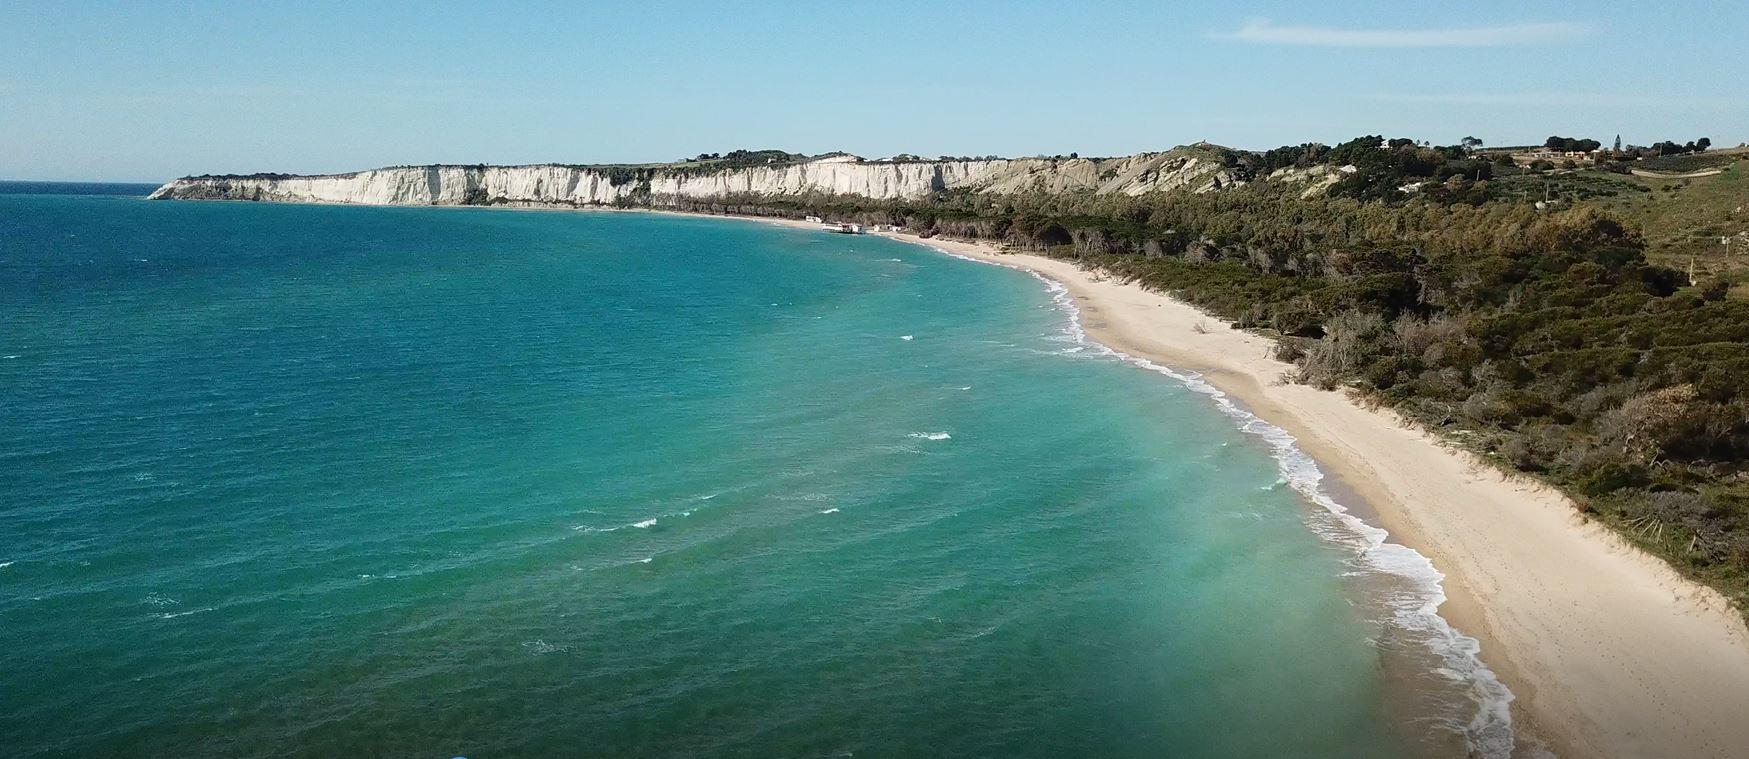 Spiaggia di Eraclea Minoa 3